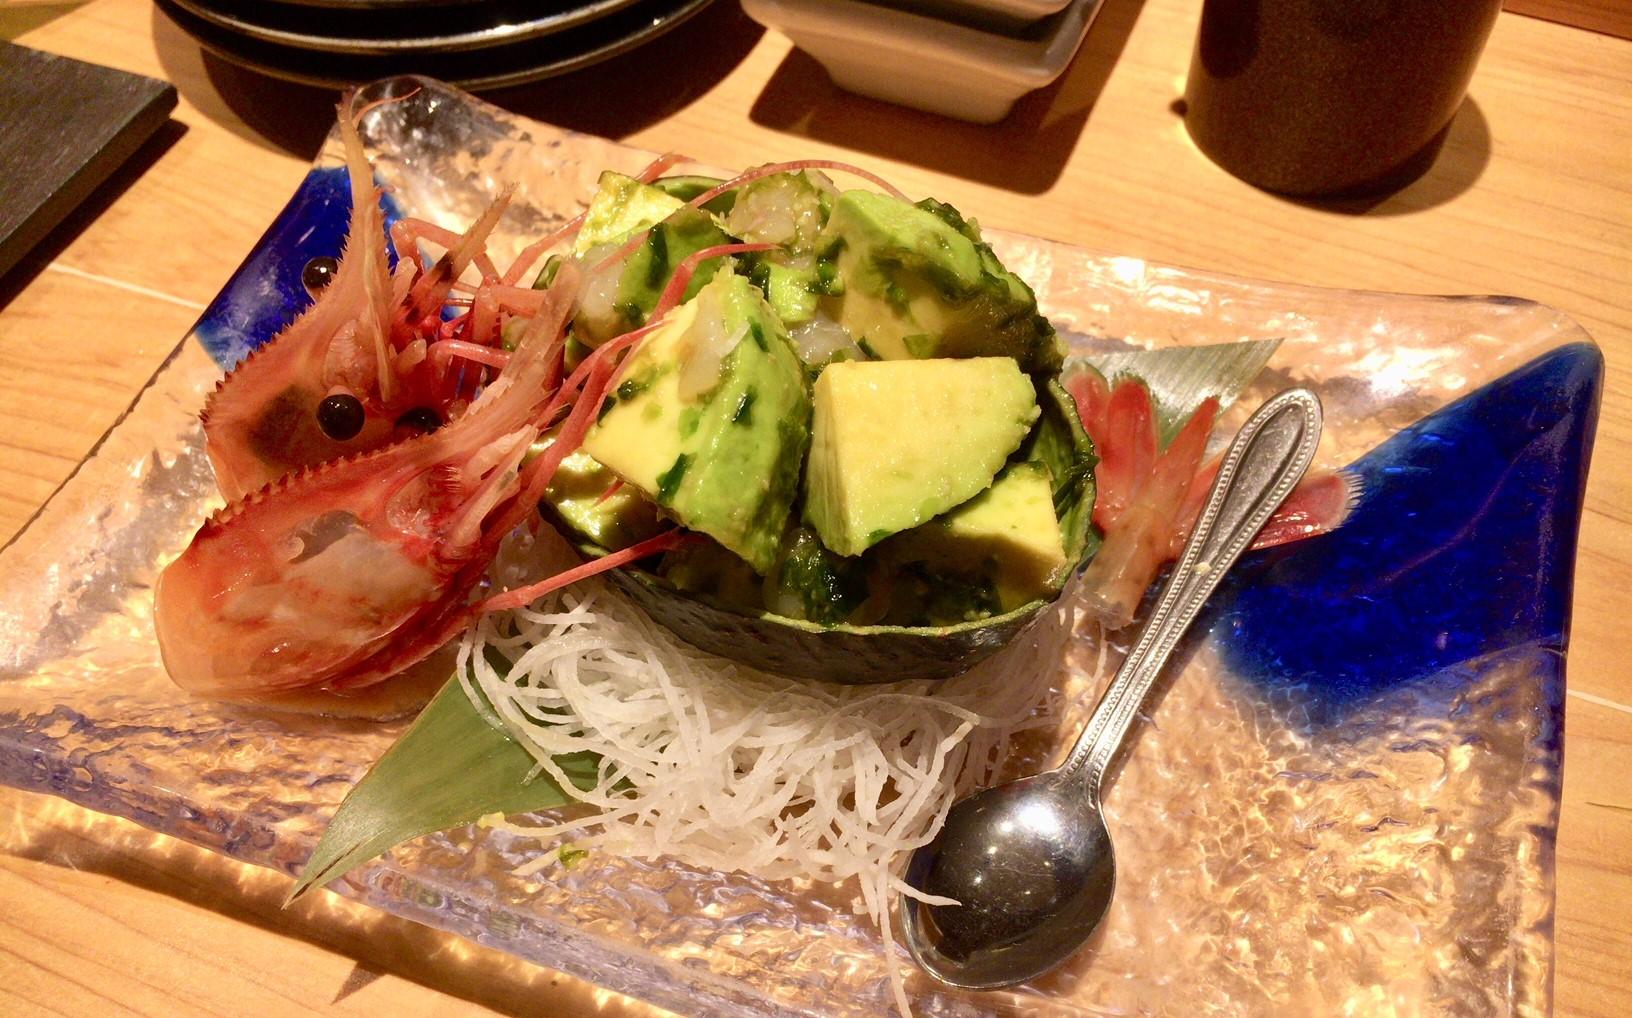 宇田川紫扇のボタン海老とアボガドの生海苔和えの画像